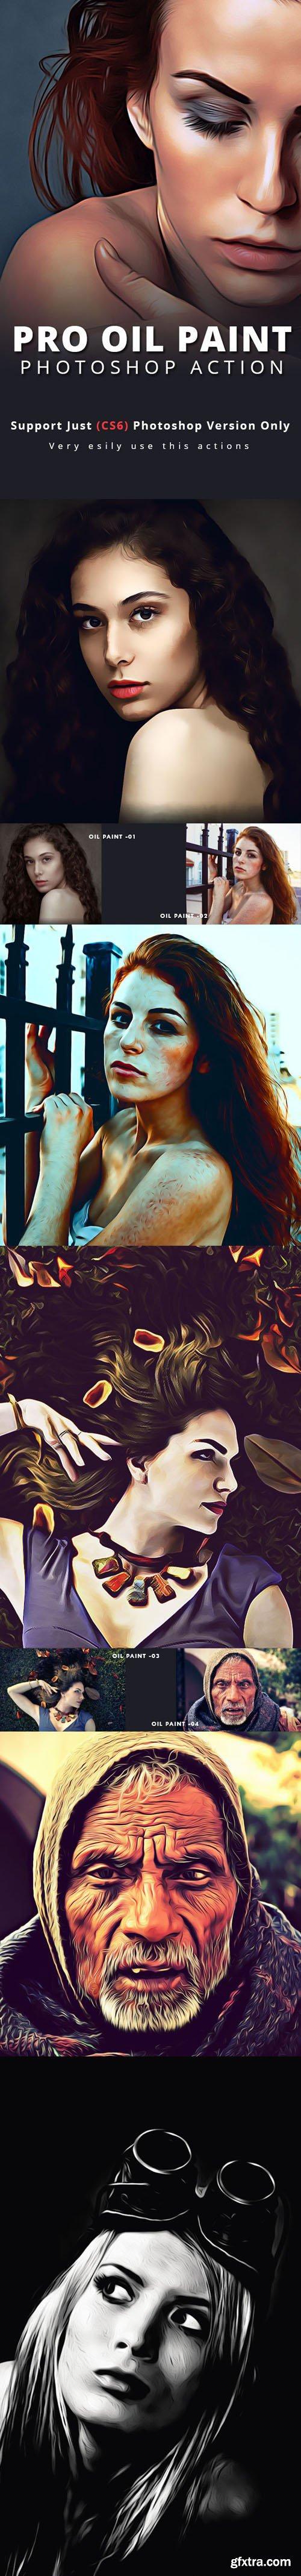 Pro Oil Paint Photoshop Action 17300770